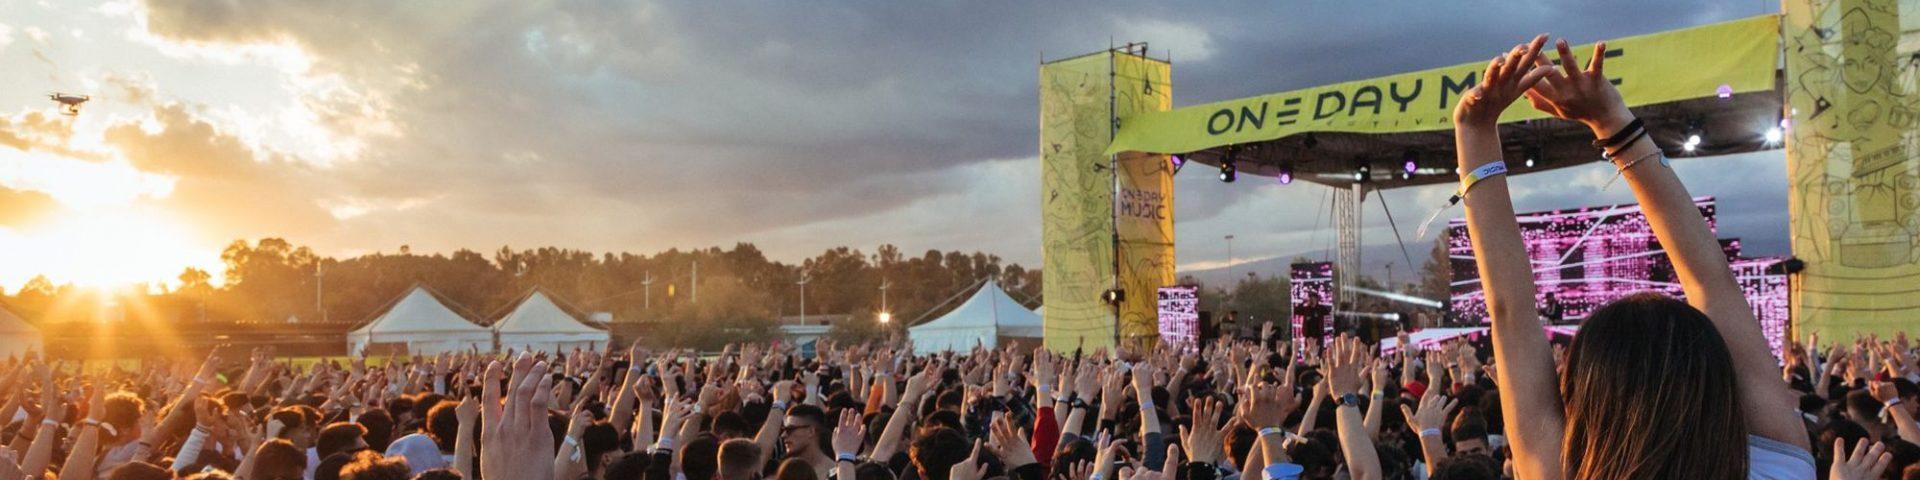 One Day Music 2020 a Catania: il programma